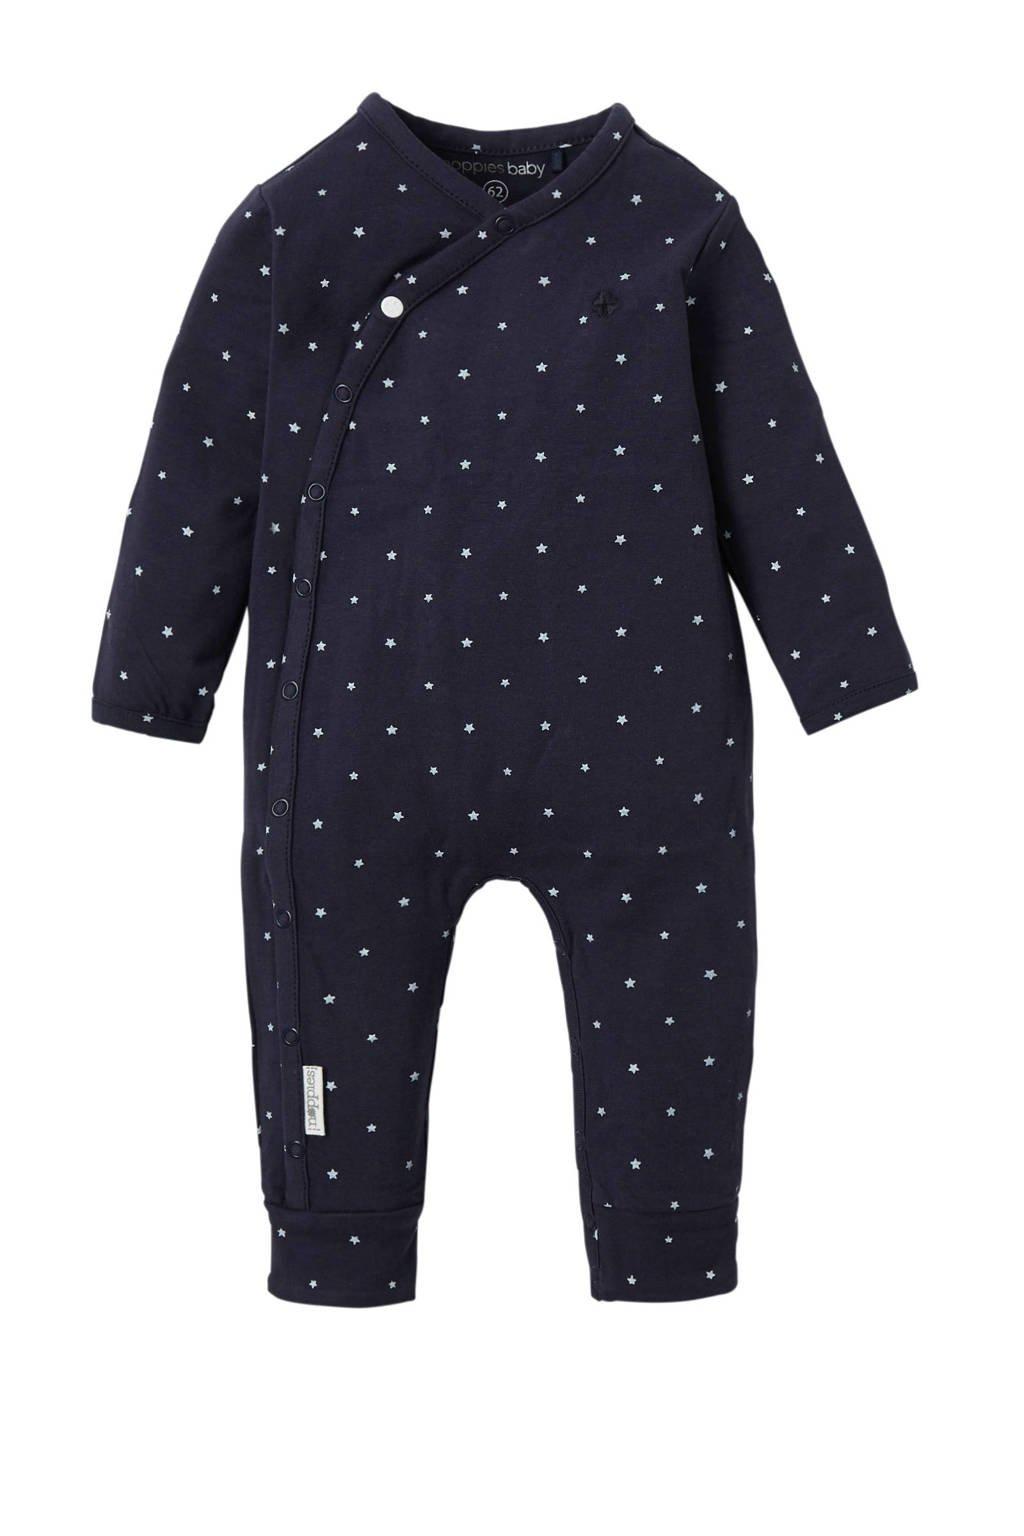 Noppies newborn baby boxpak Dali donkerblauw, marine/ wit